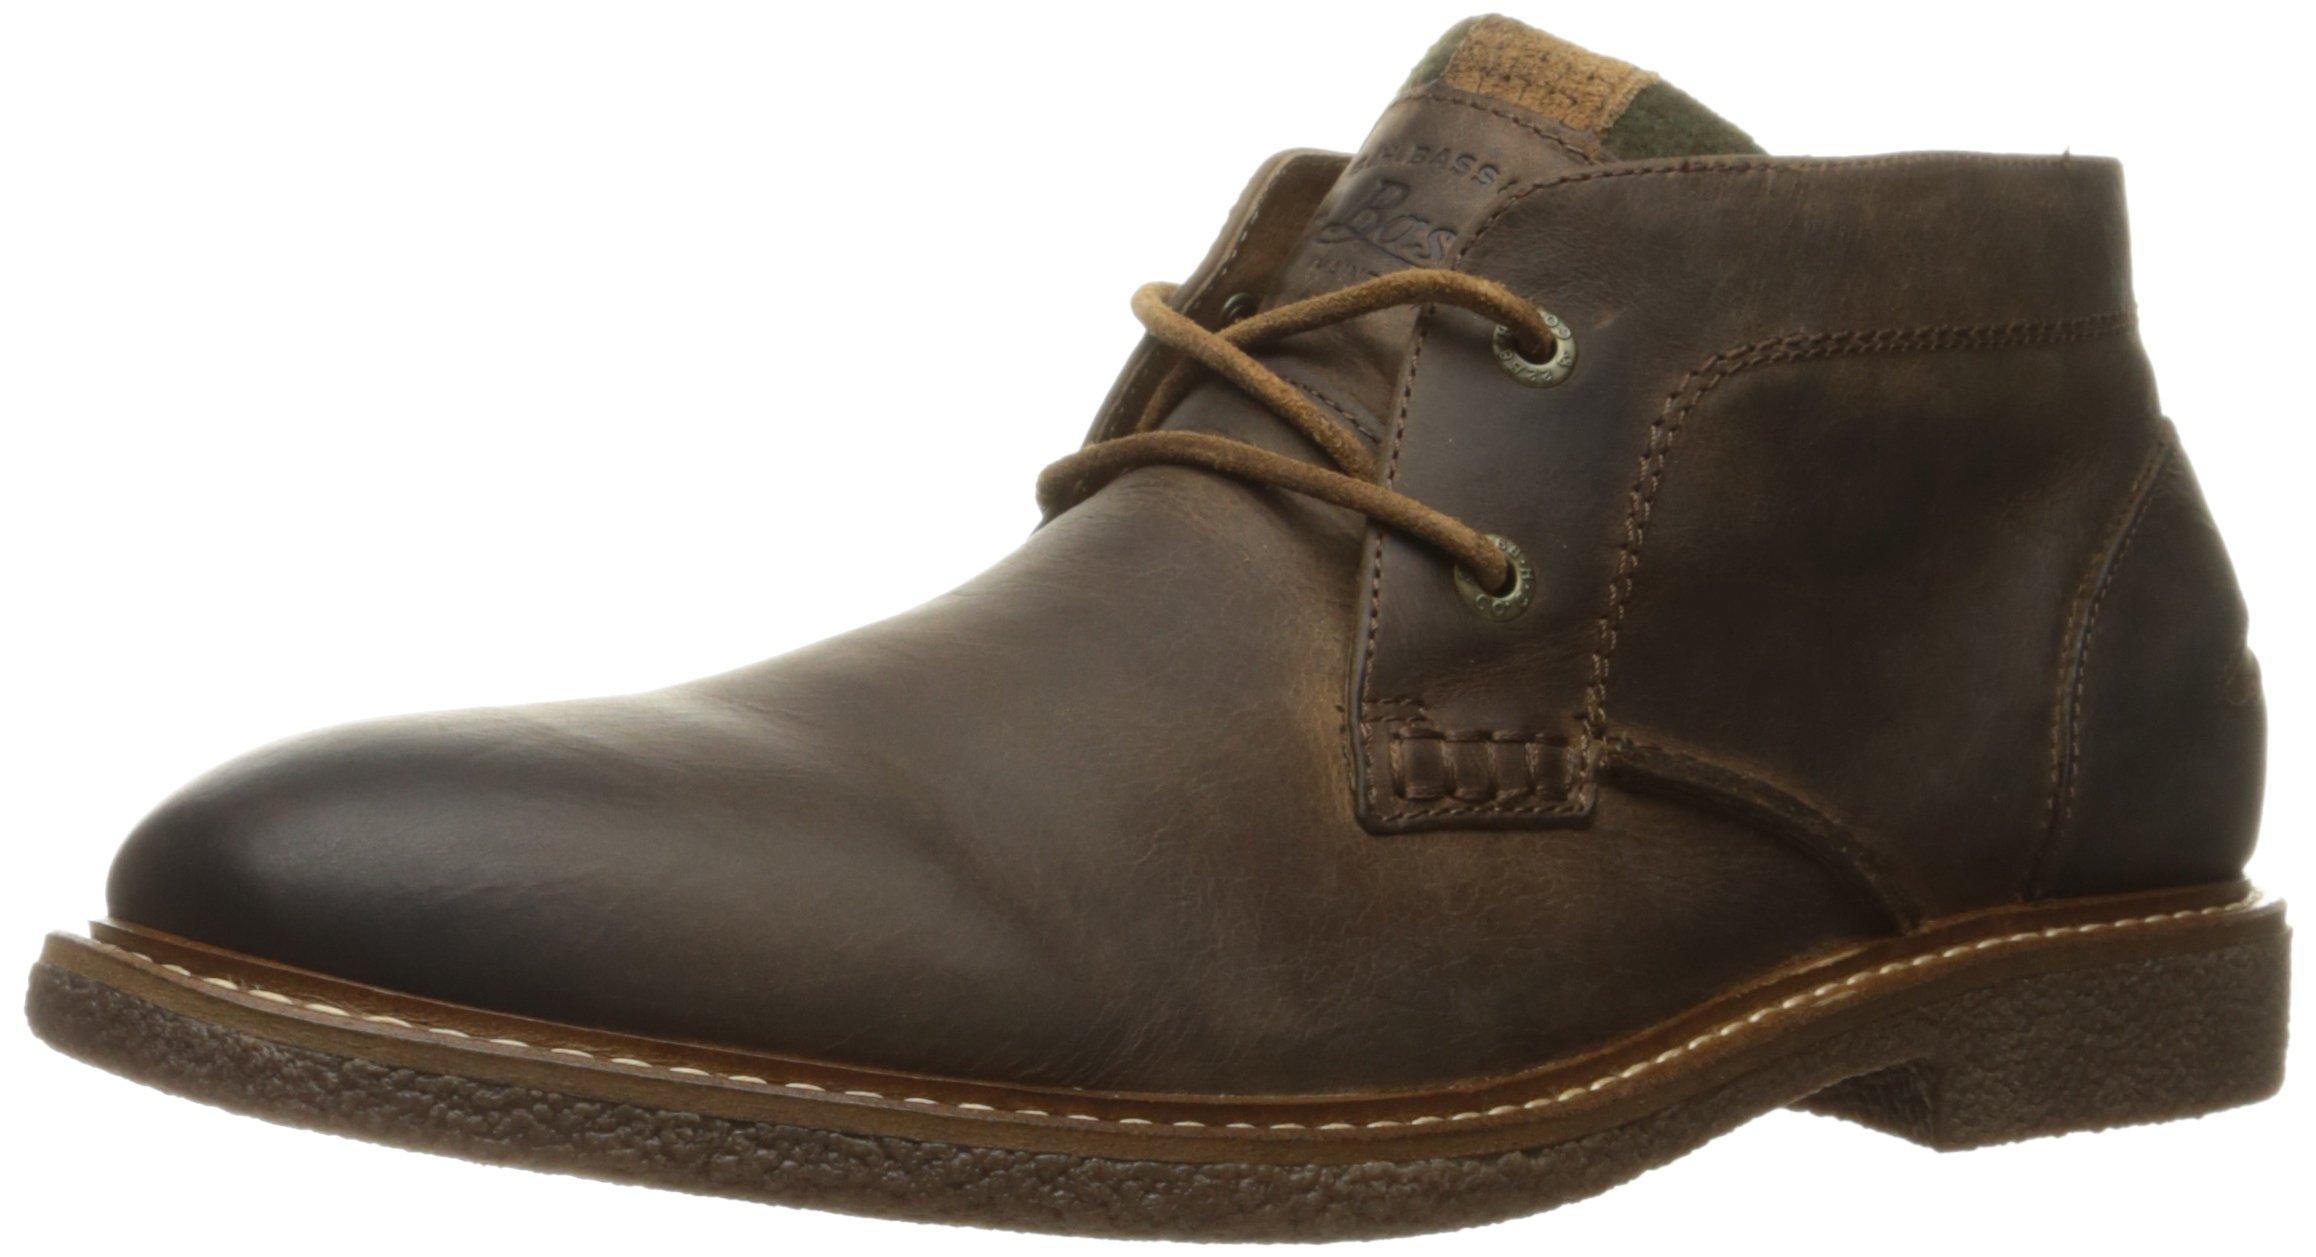 G.H. Bass & Co. Men's Bennett Chukka Boot, Brown, 9.5 M US